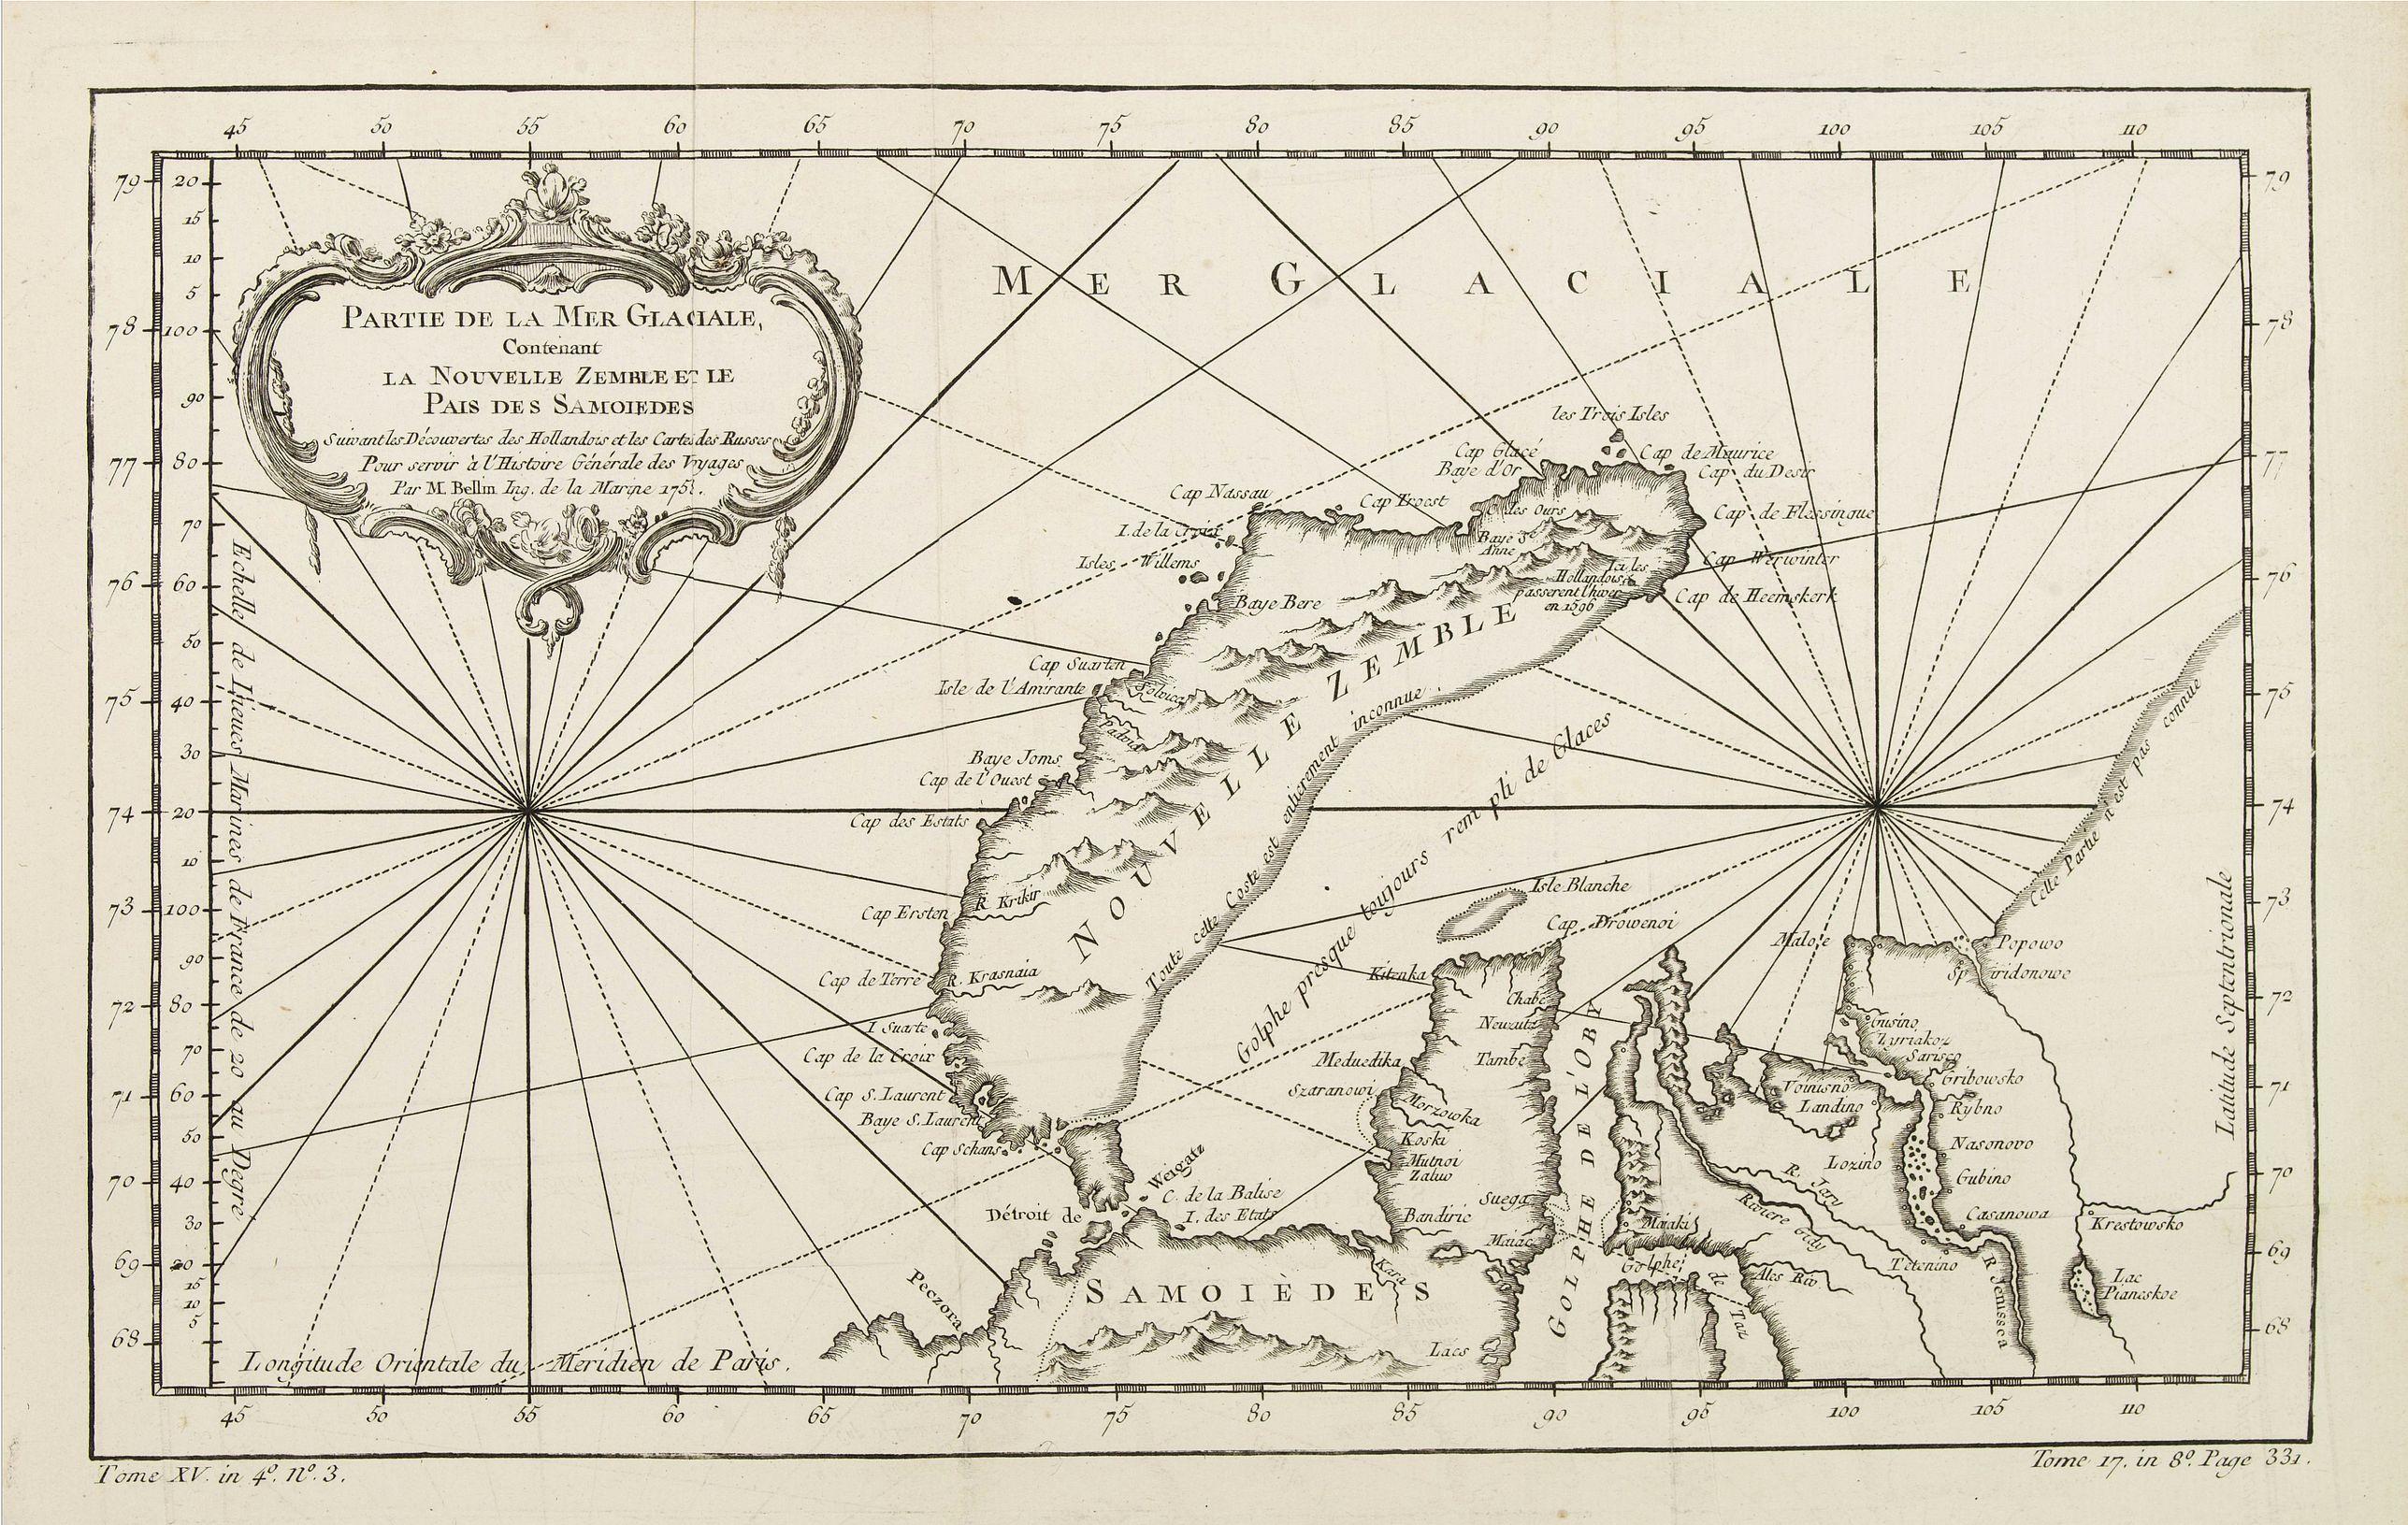 BELLIN, J.N. -  Partie de la Mer Glaciale contenant de la nouvelle Zemble..